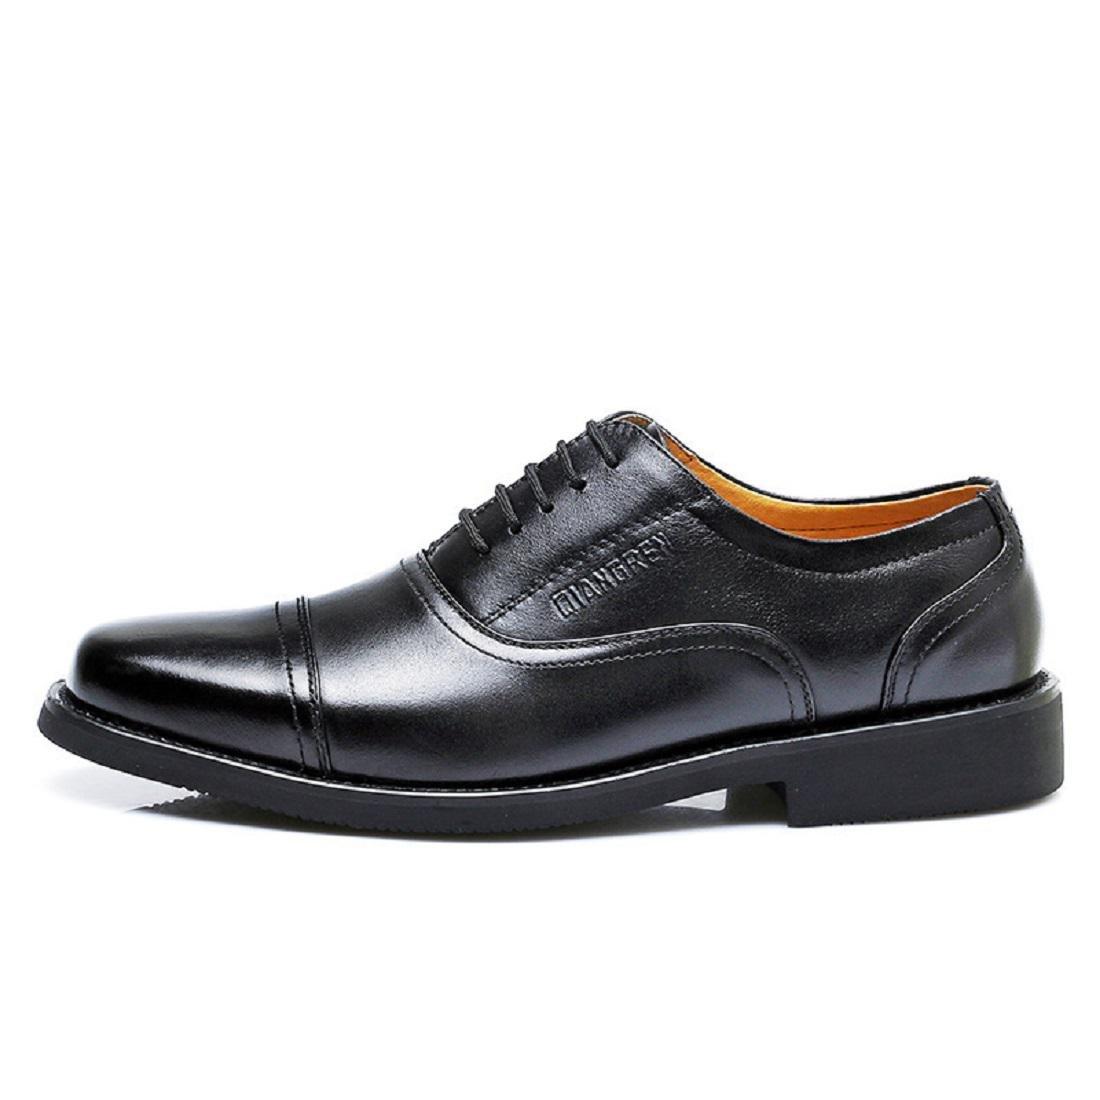 Herren Formelle Kleidung Lederschuhe Geschäft Stiefel Flache Schuhe Große Größe Werkzeug Schuhe Gemütlich Licht EUR GRÖSSE 38-46